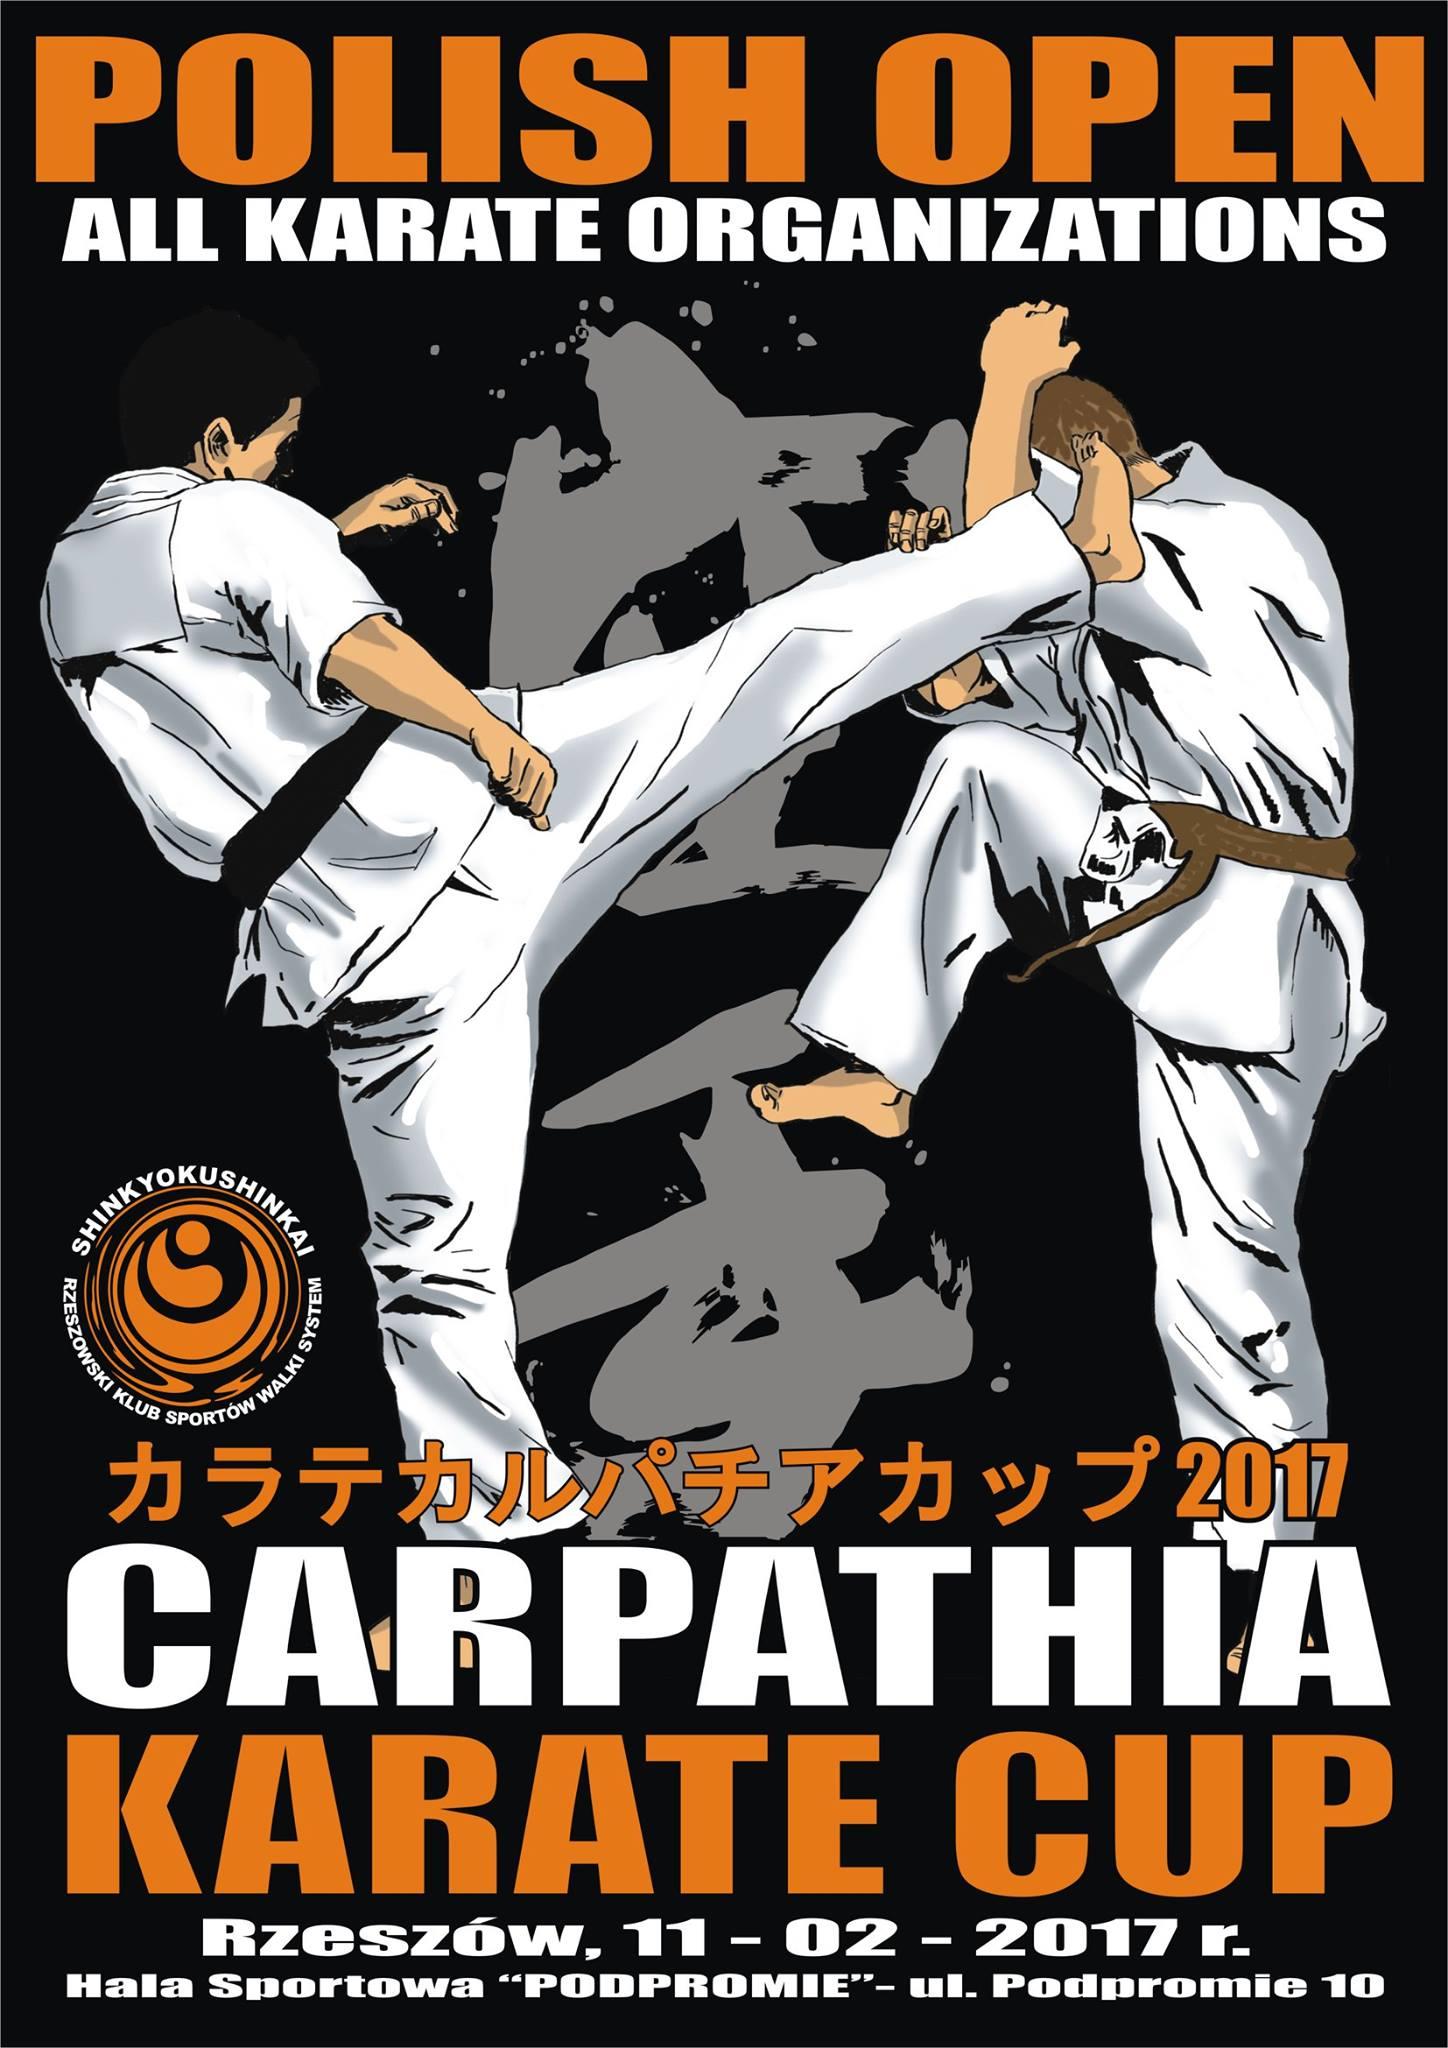 Turniej Carpathia Cup 2017 w Rzeszowie